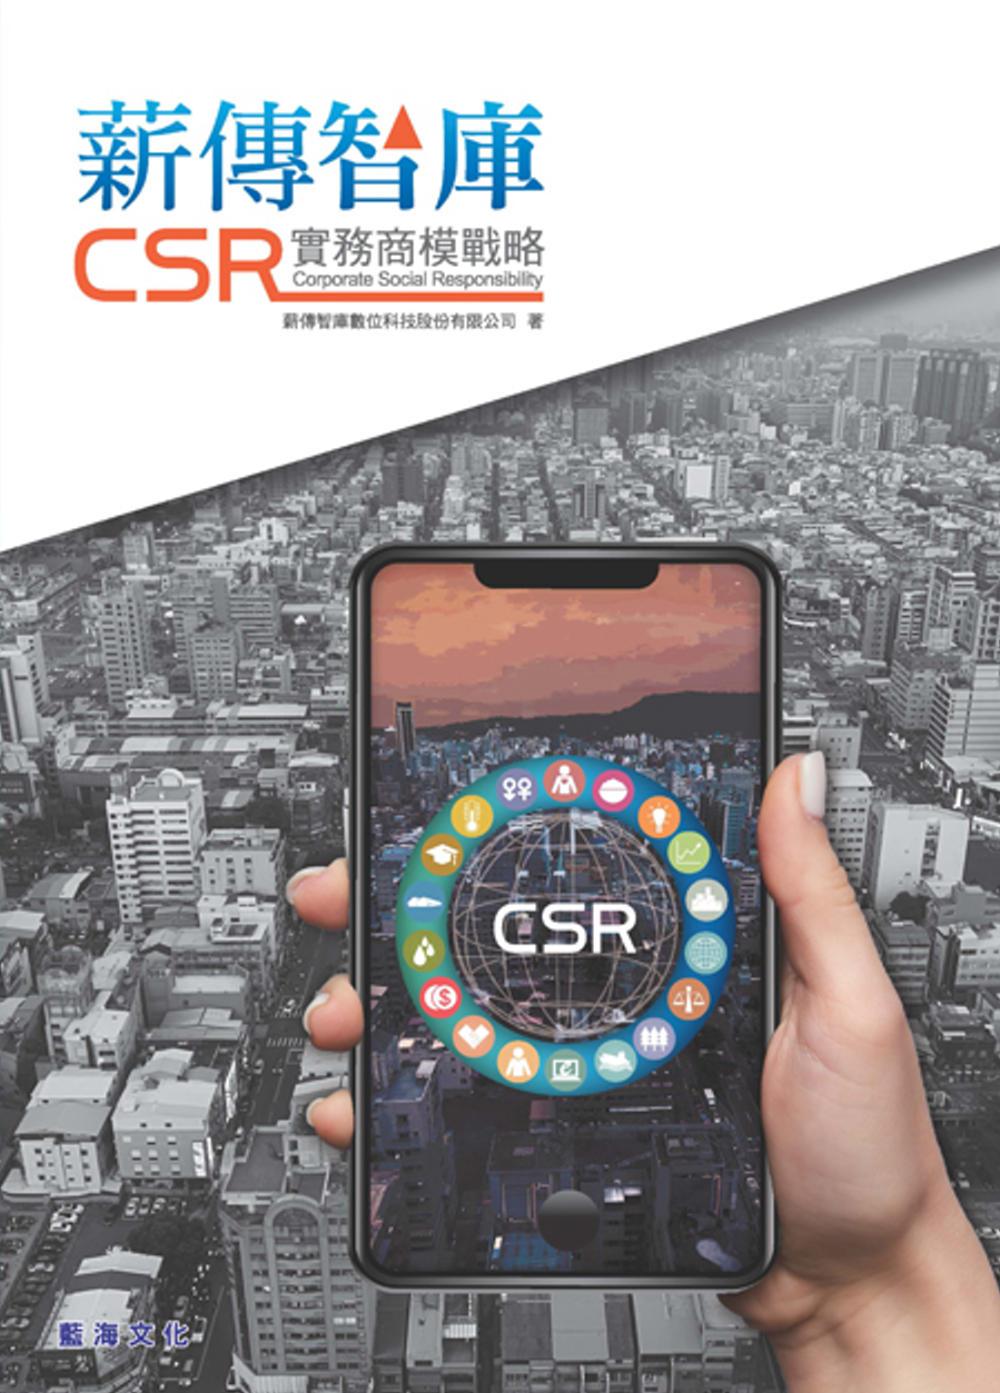 薪傳智庫CSR實務商模戰略